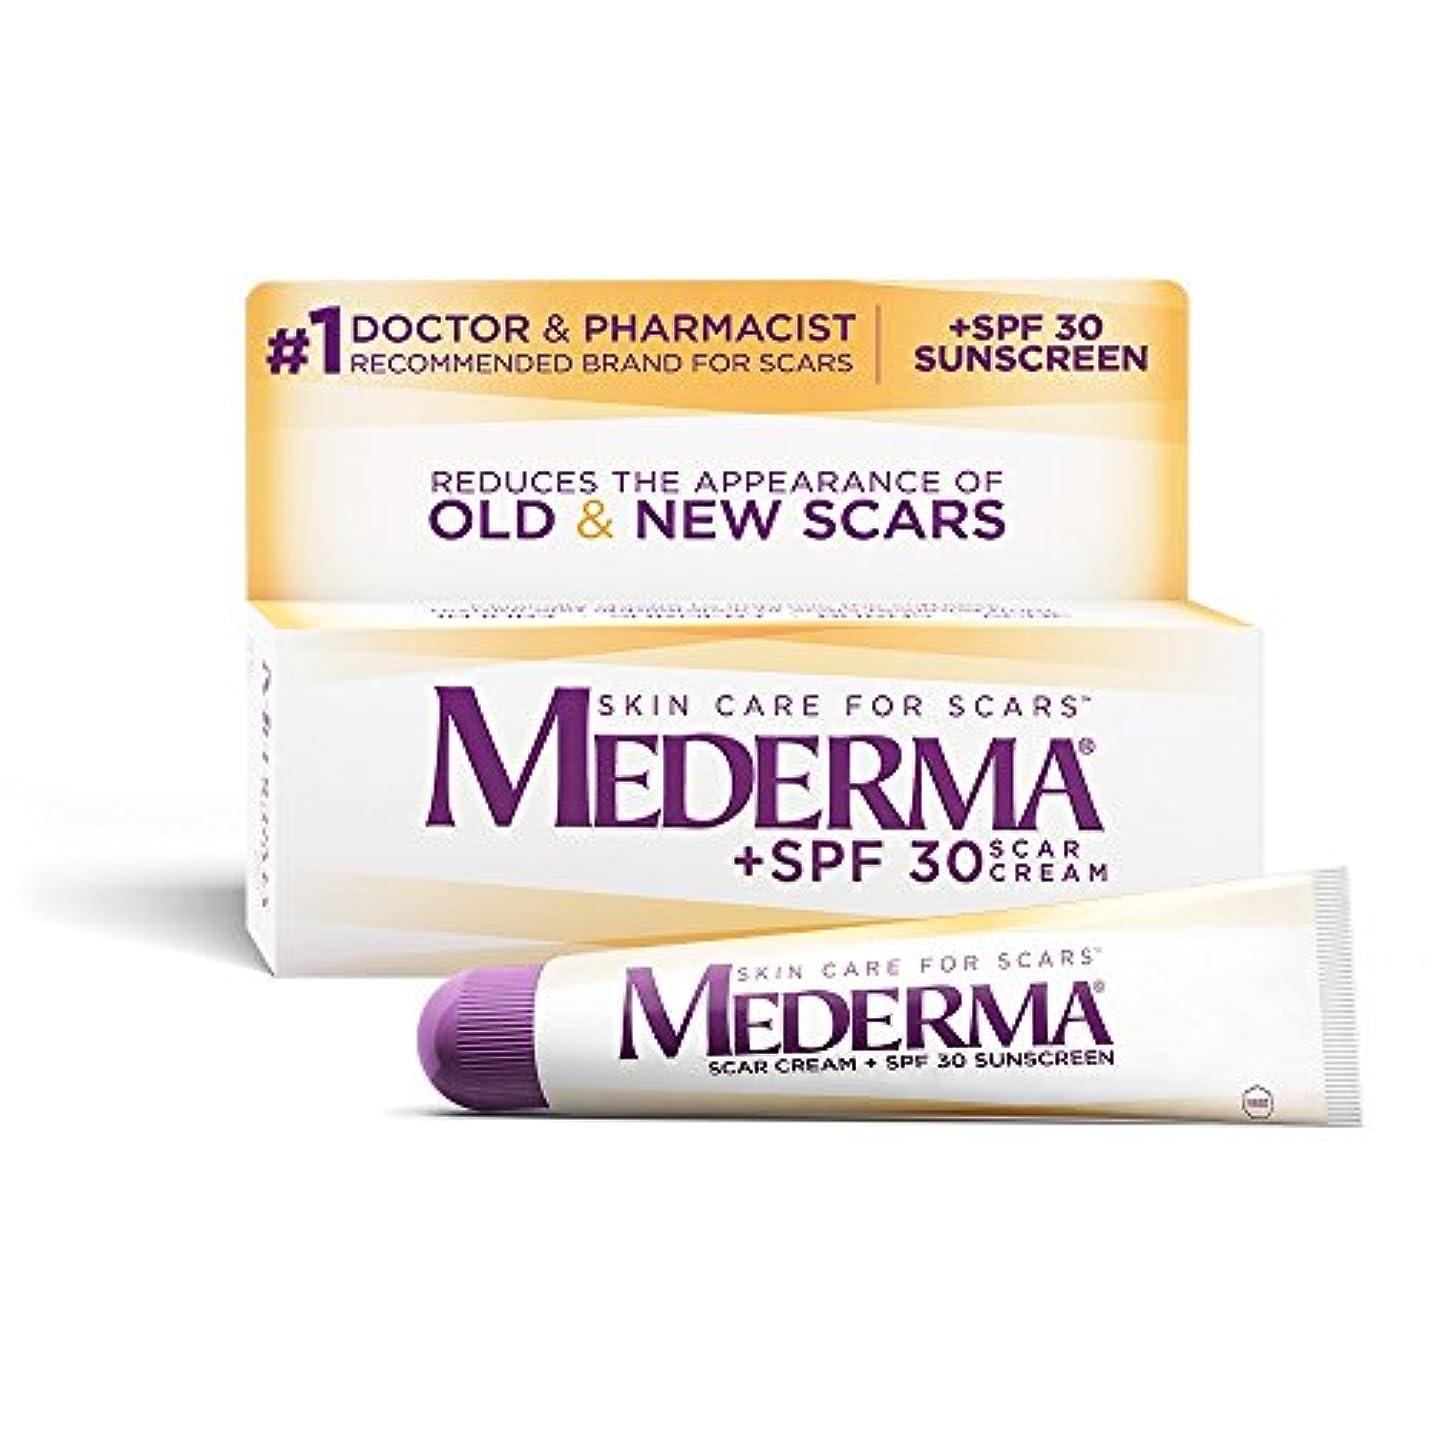 ヘビ上院議員干渉するMederma 社 日焼け止め成分SPF30配合 メドロマ(メデルマ) 1本 20g Mederma Scar Cream Plus SPF 30